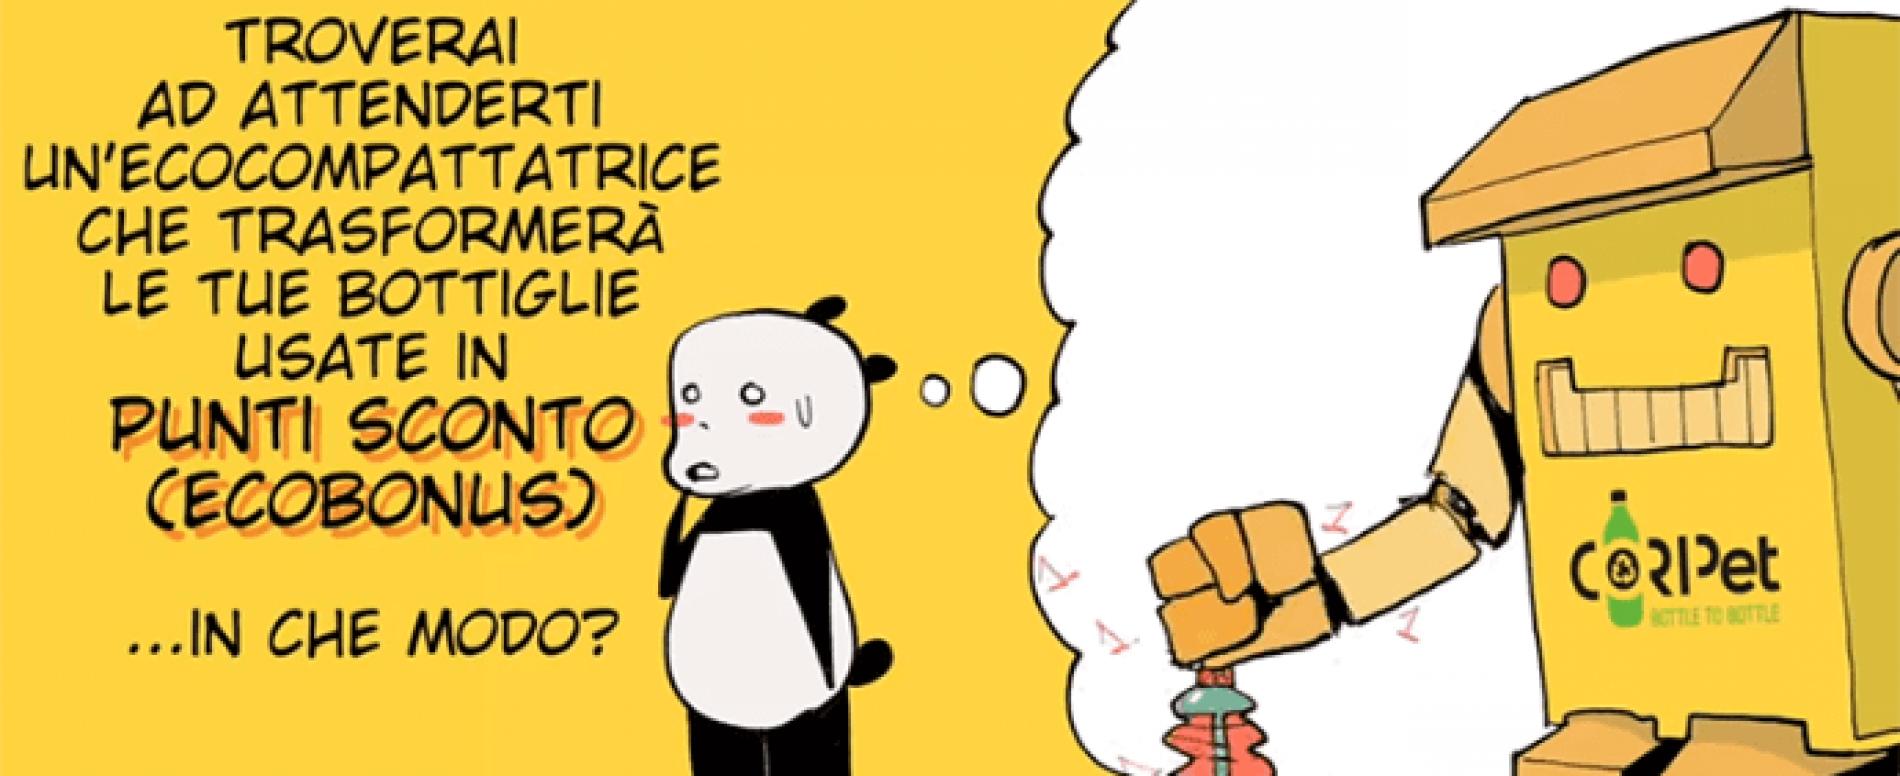 +RICICLI +VIAGGI. La Metro di Roma sperimenta gli ecocompattatori